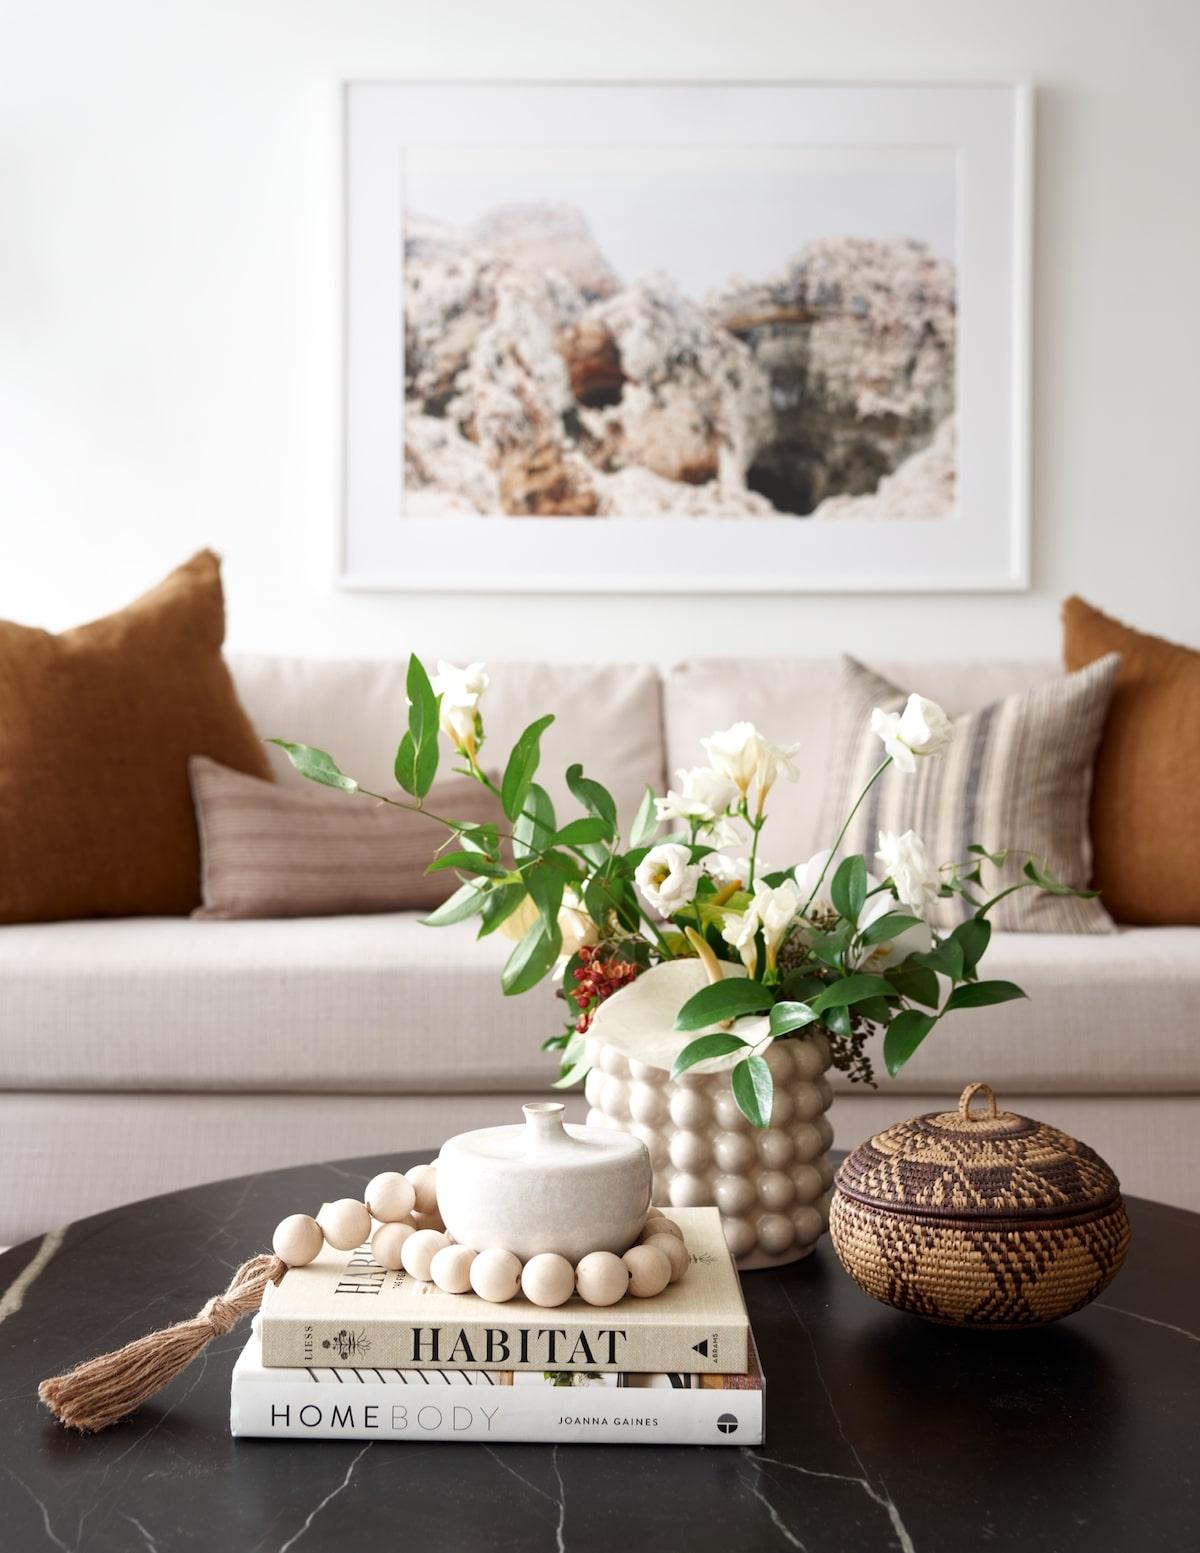 intérieur slow life salon livre décor table marbre noir basse ovale